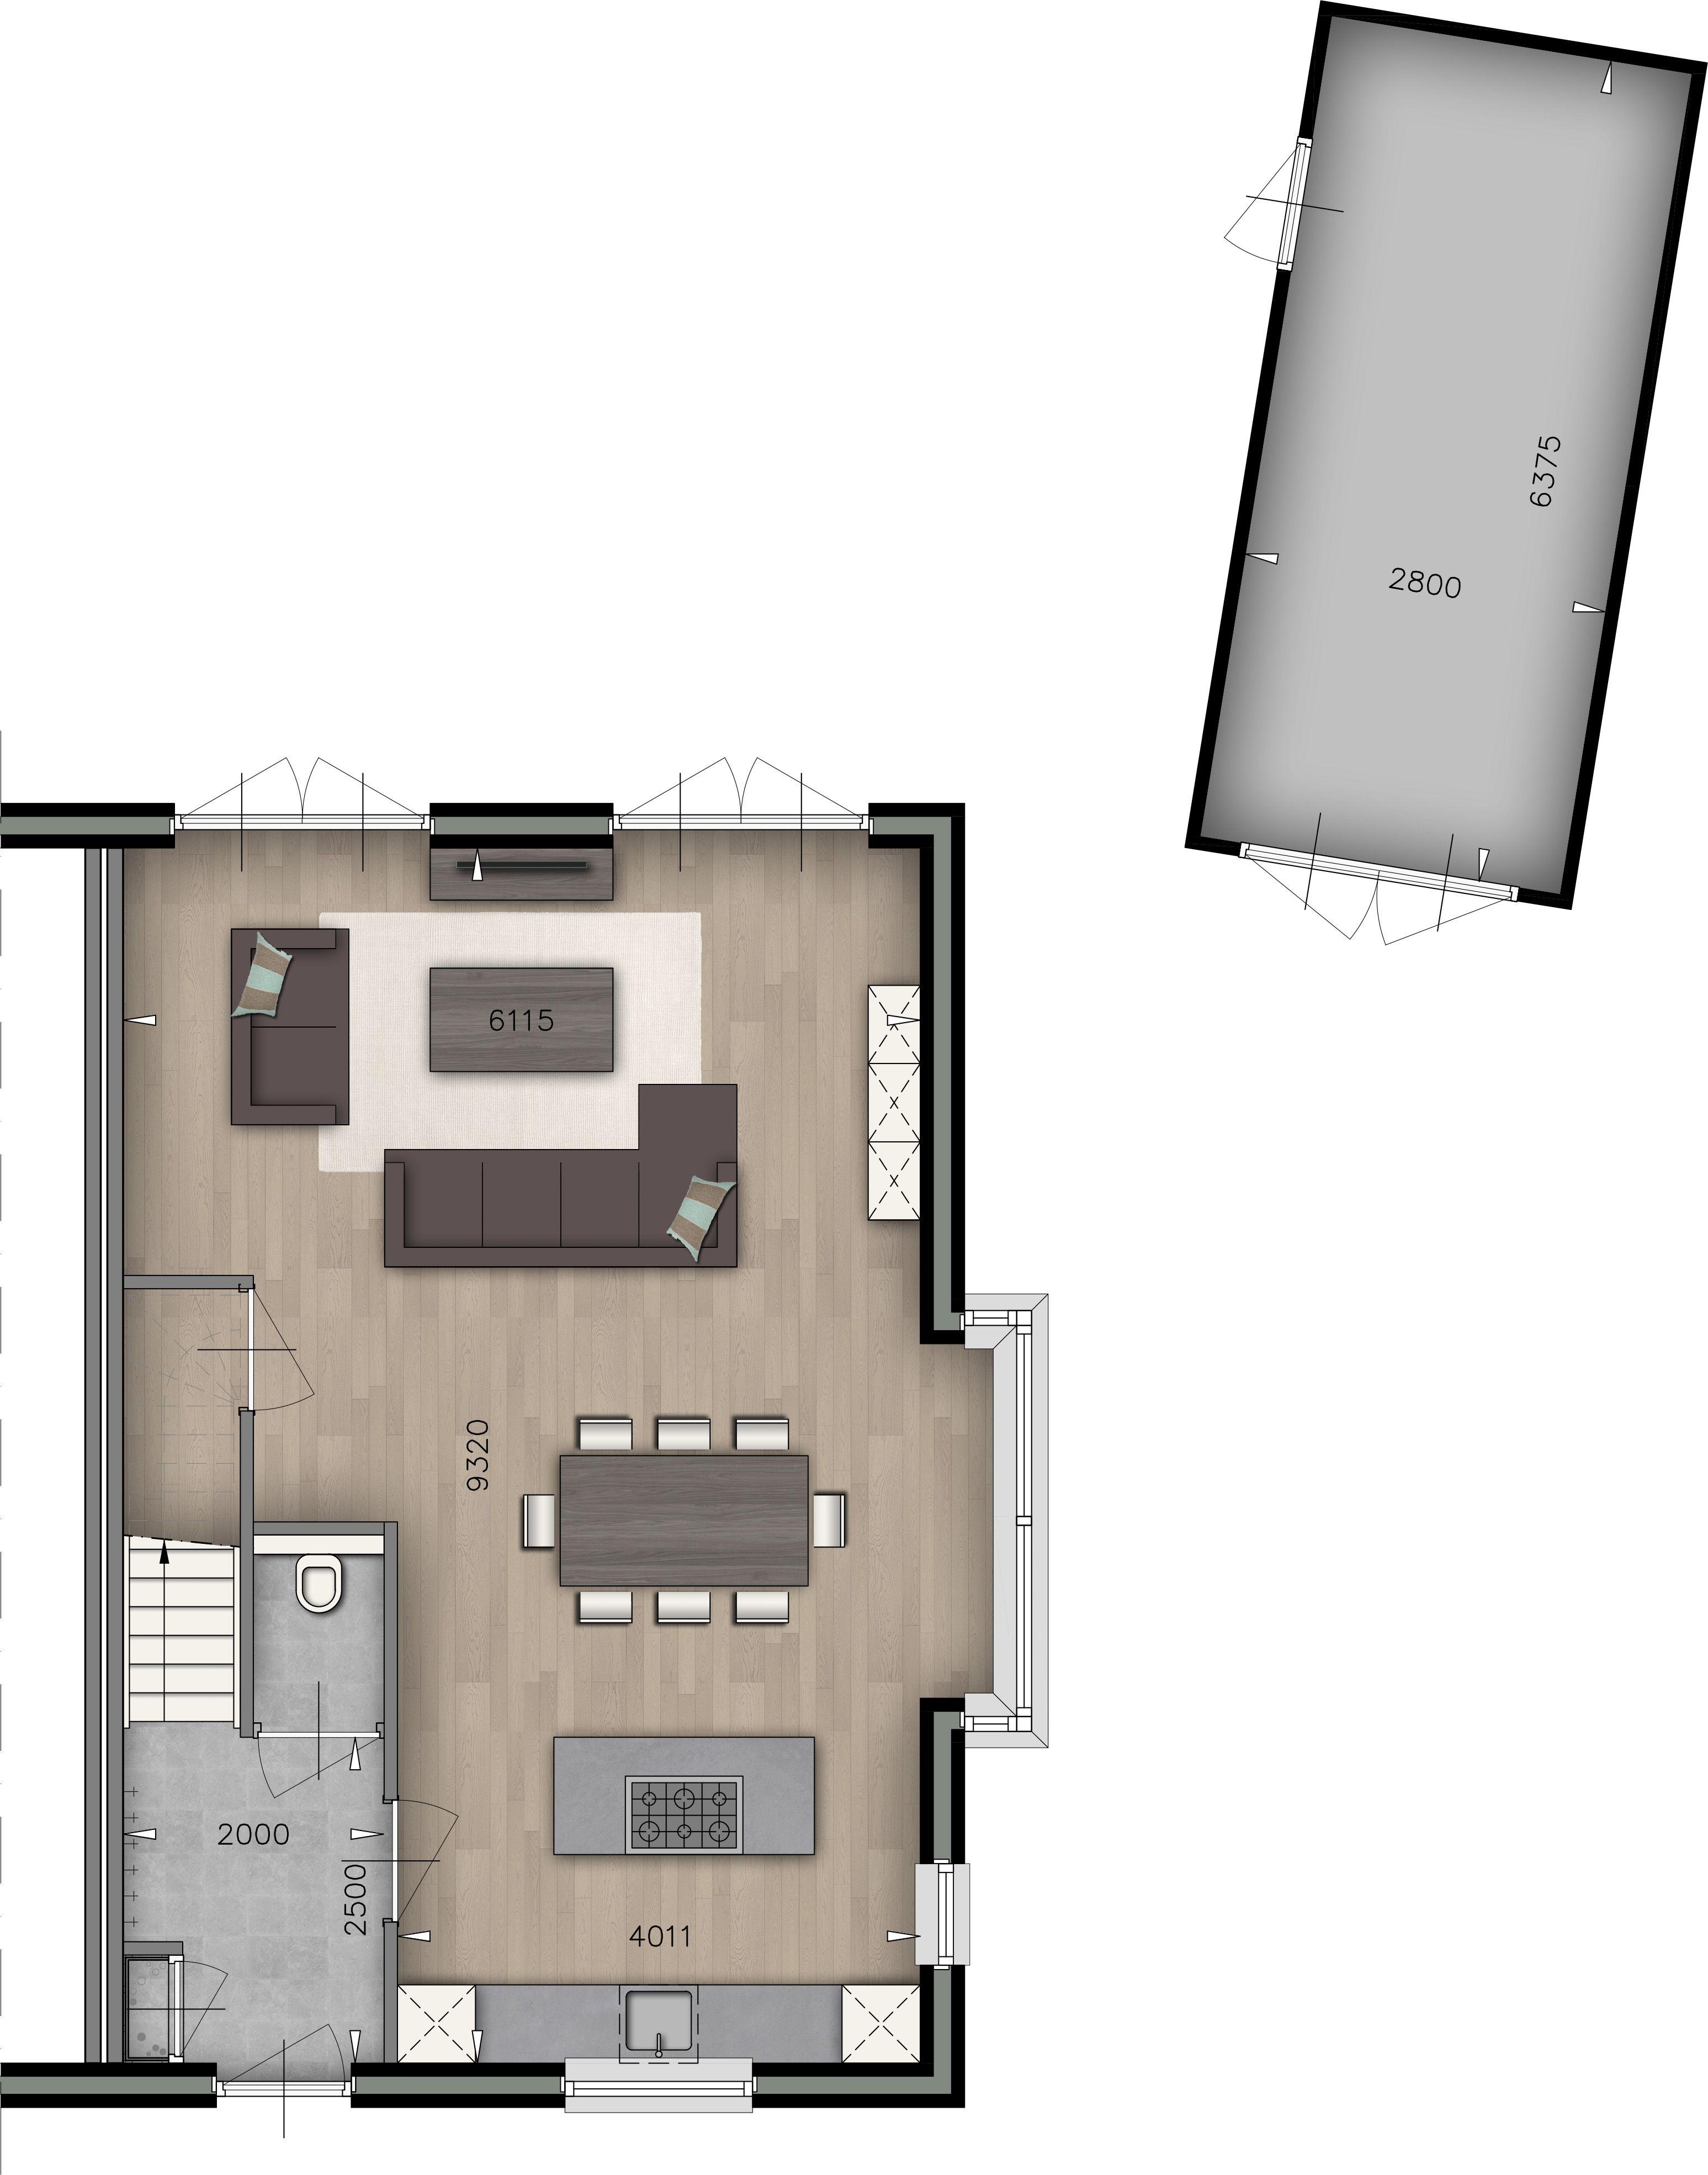 Plattegrond Woonkamer | Keuken | WC | Garage - indeling woonkamer ...